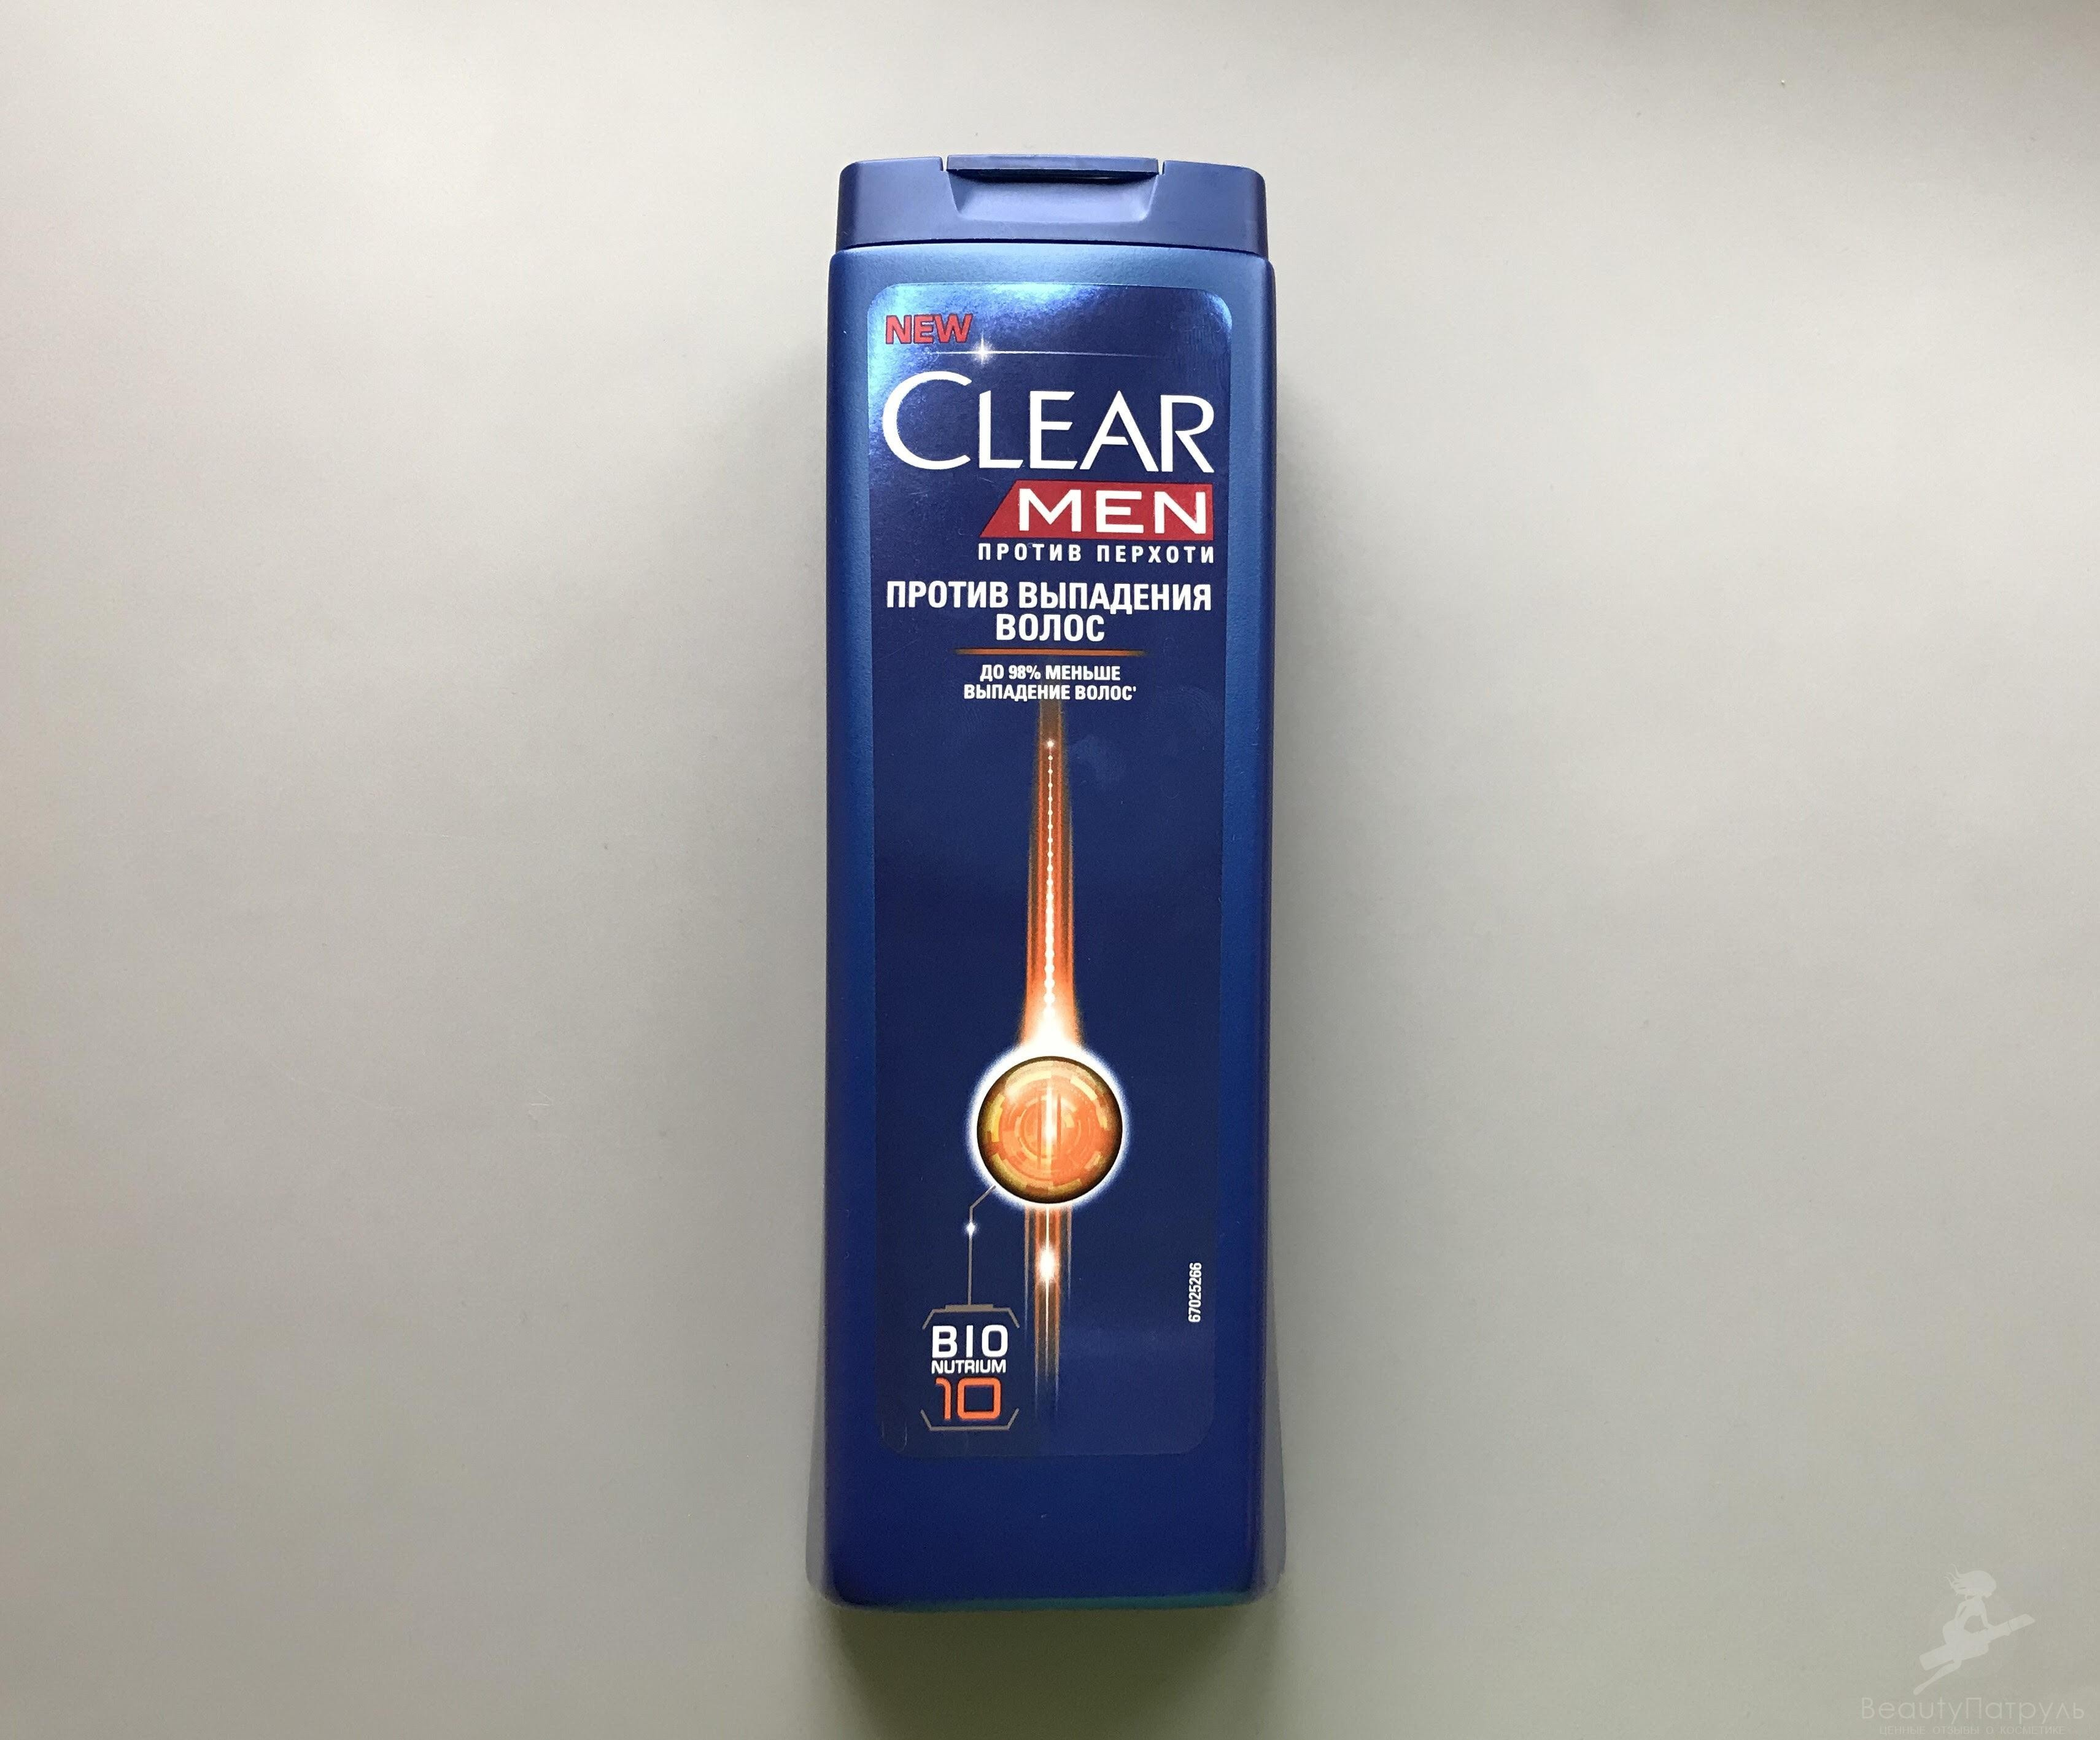 Image result for clear men